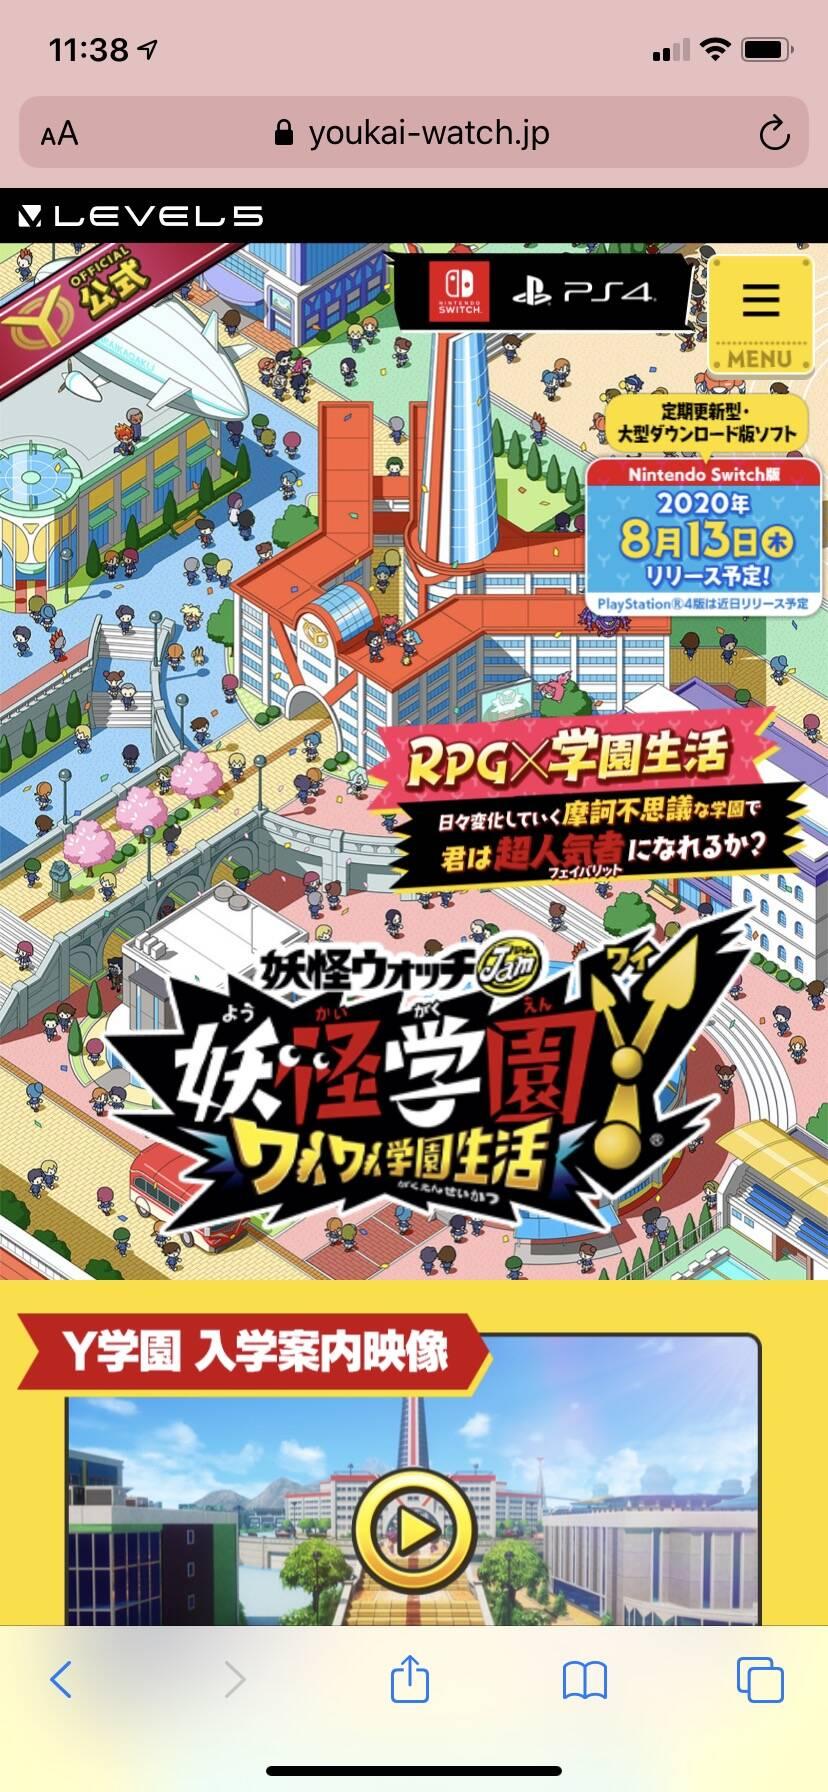 レベルファイブ『妖怪学園Y』、SwitchのDL版が8月13日に発売決定!